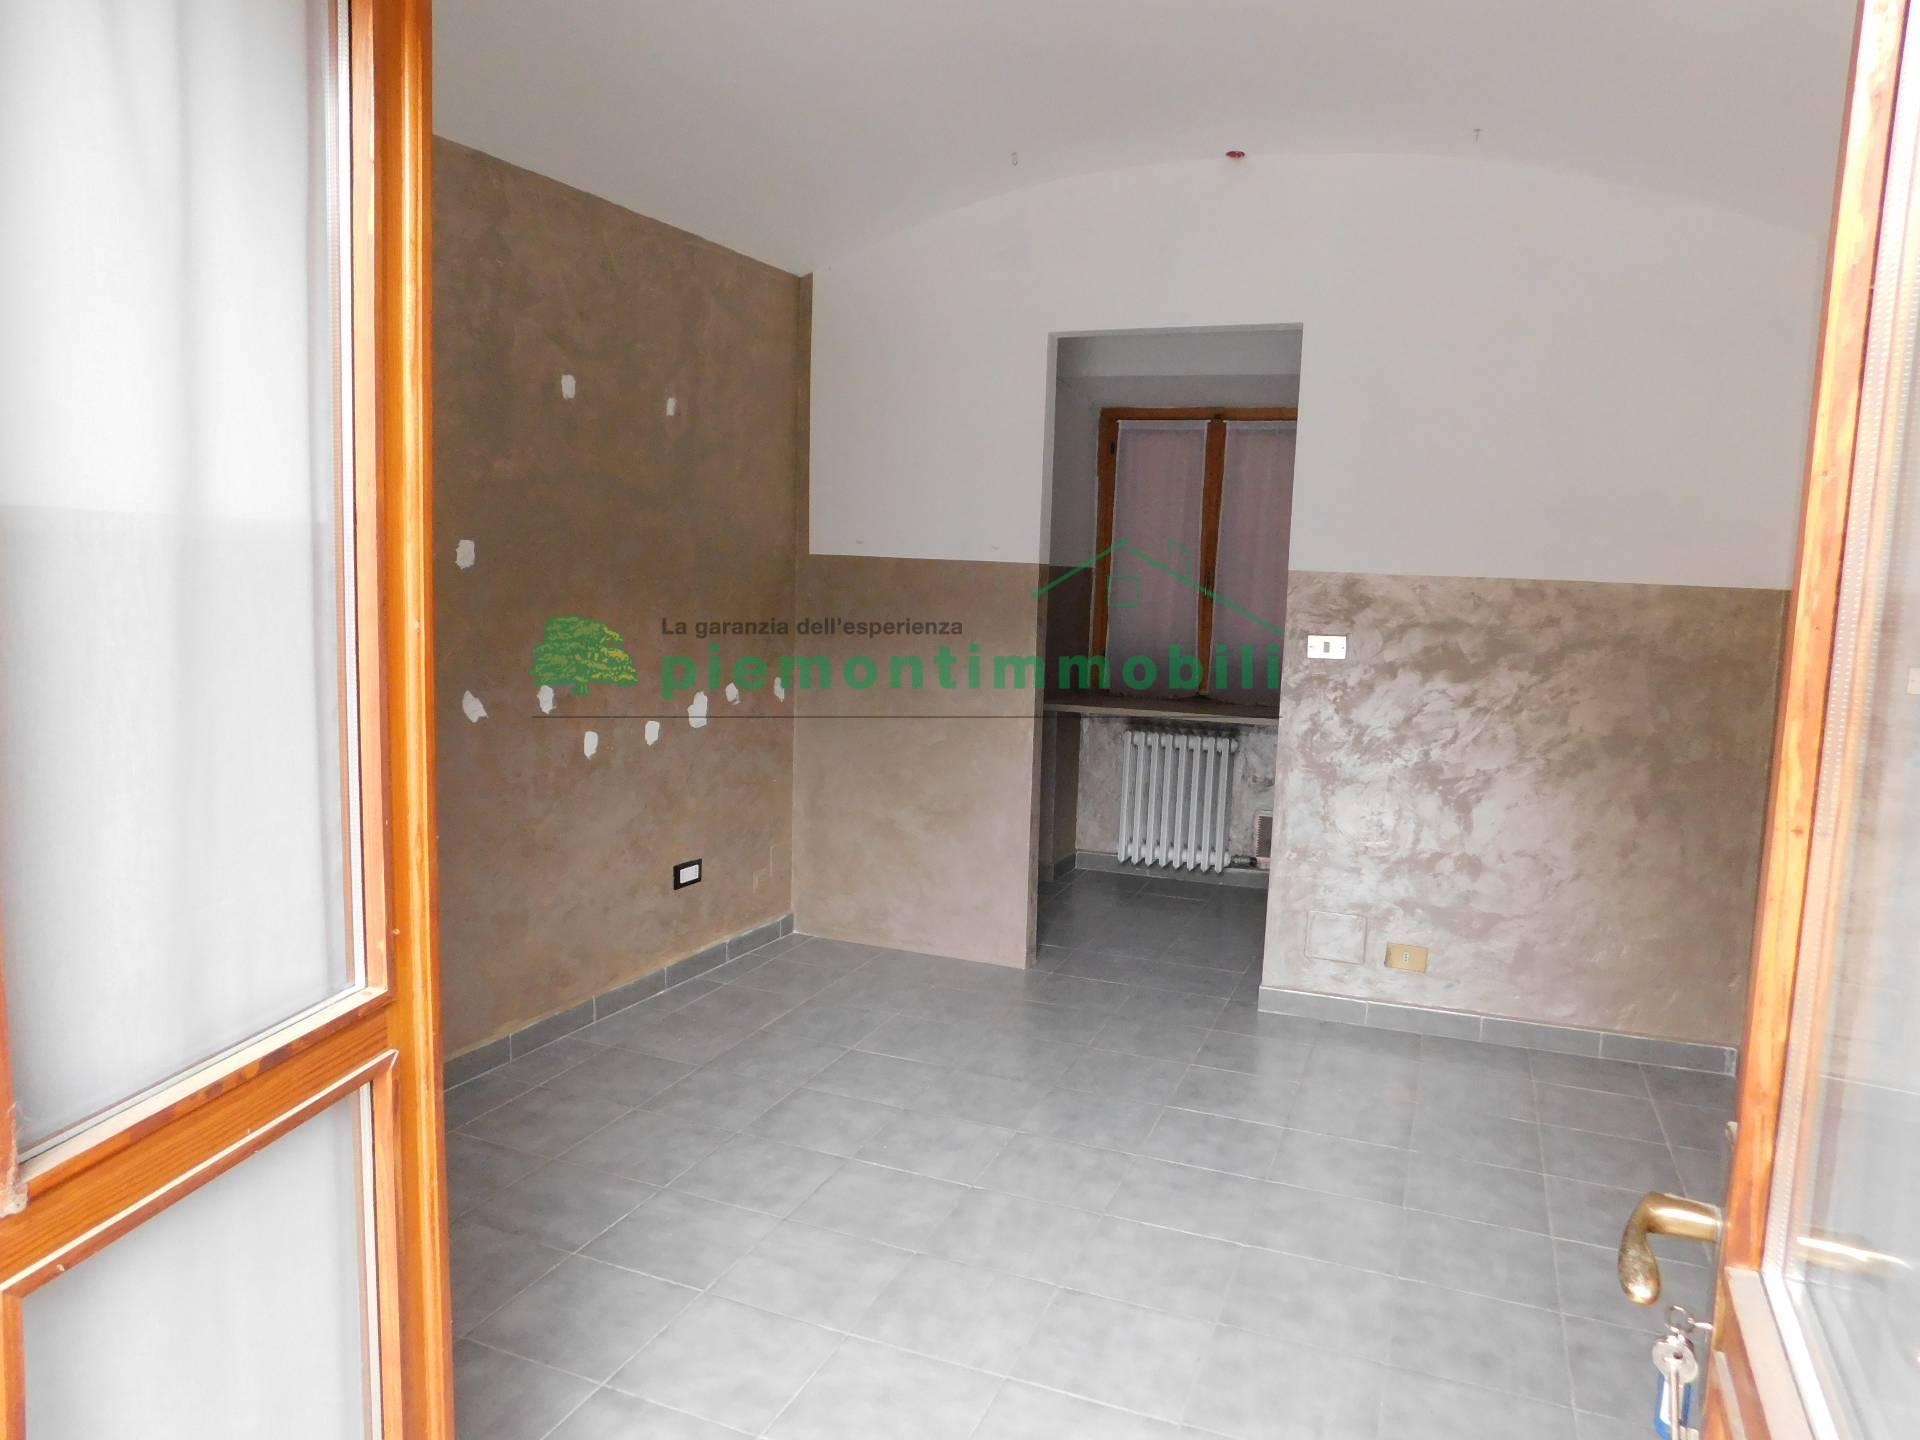 Ufficio / Studio in affitto a Giaveno, 9999 locali, zona Località: Centro, prezzo € 380 | PortaleAgenzieImmobiliari.it